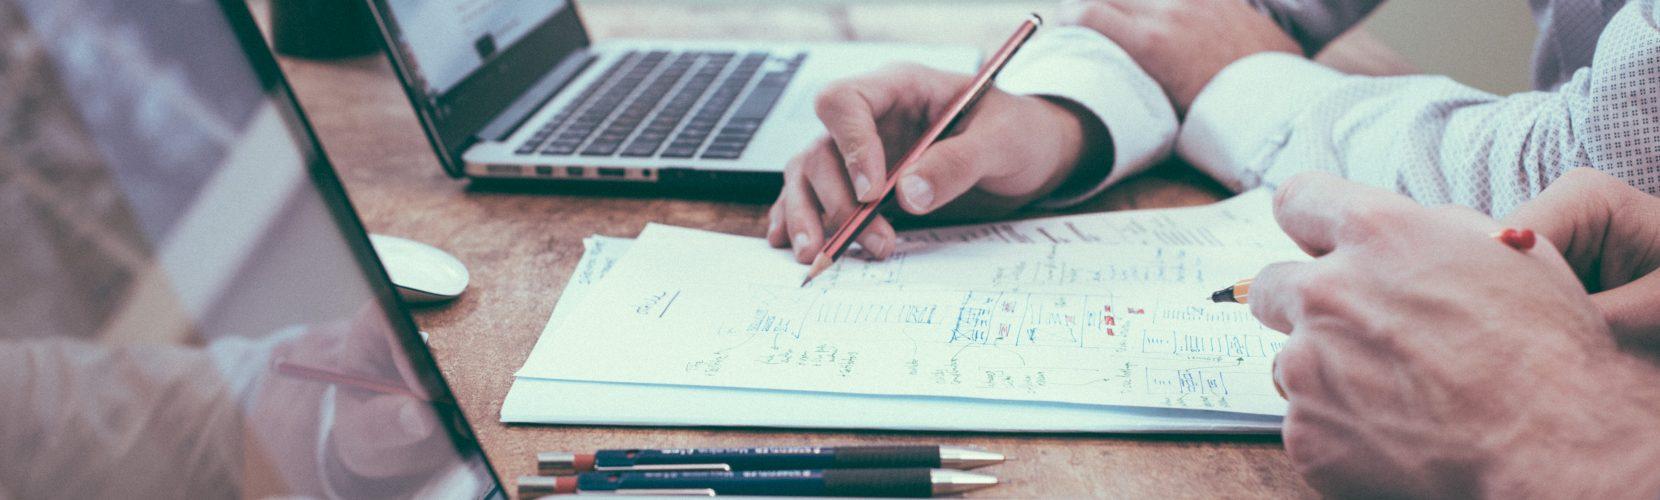 News, Tipps & Aktuelles: Die Einkommensteuer-Vorauszahlung